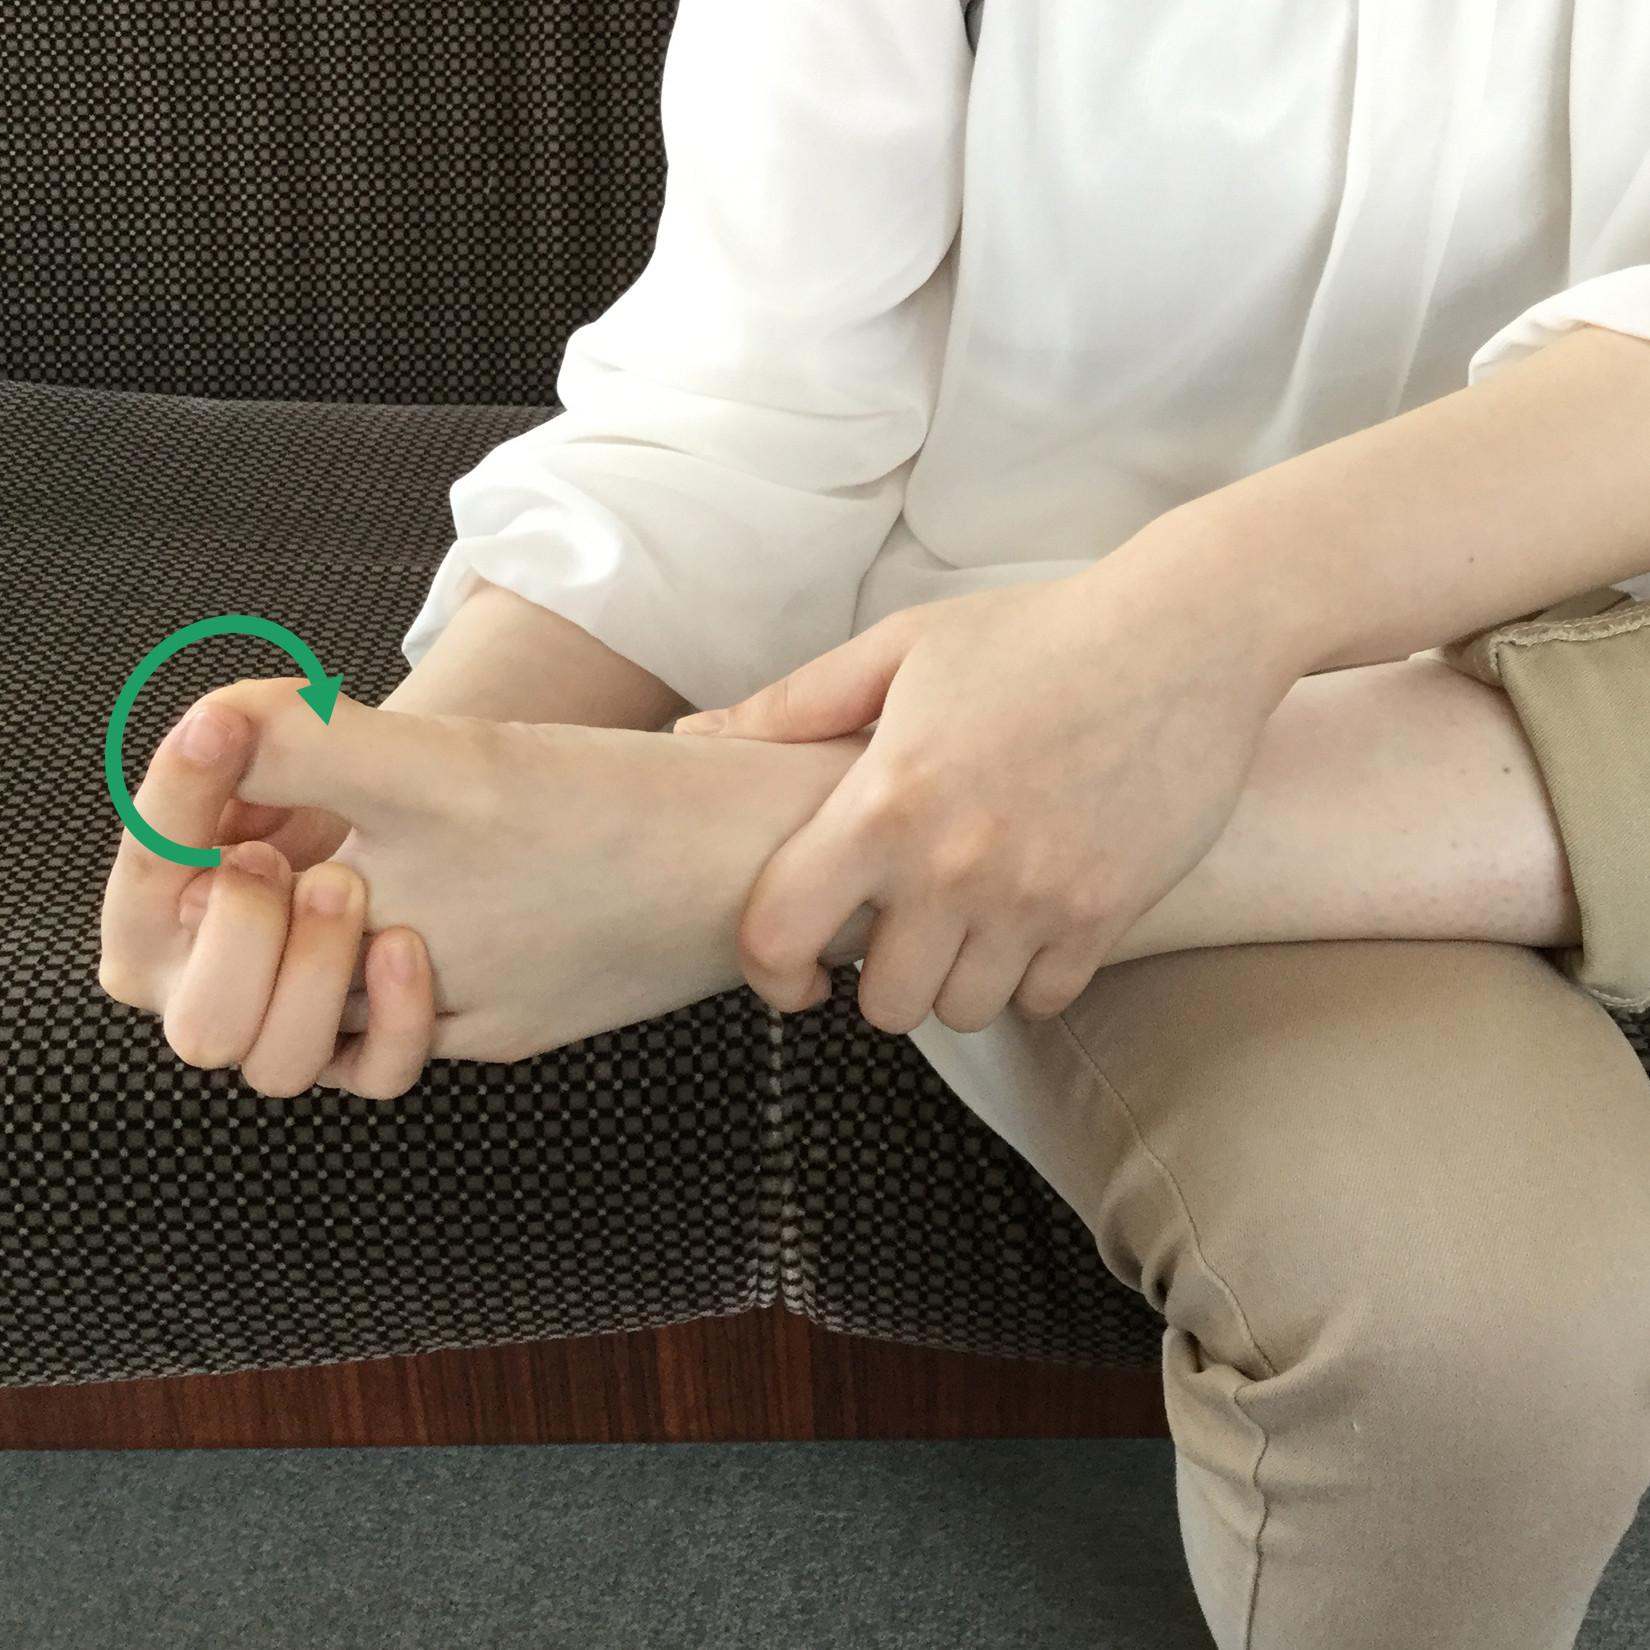 の 付け根 痛い 裏 親指 足 の